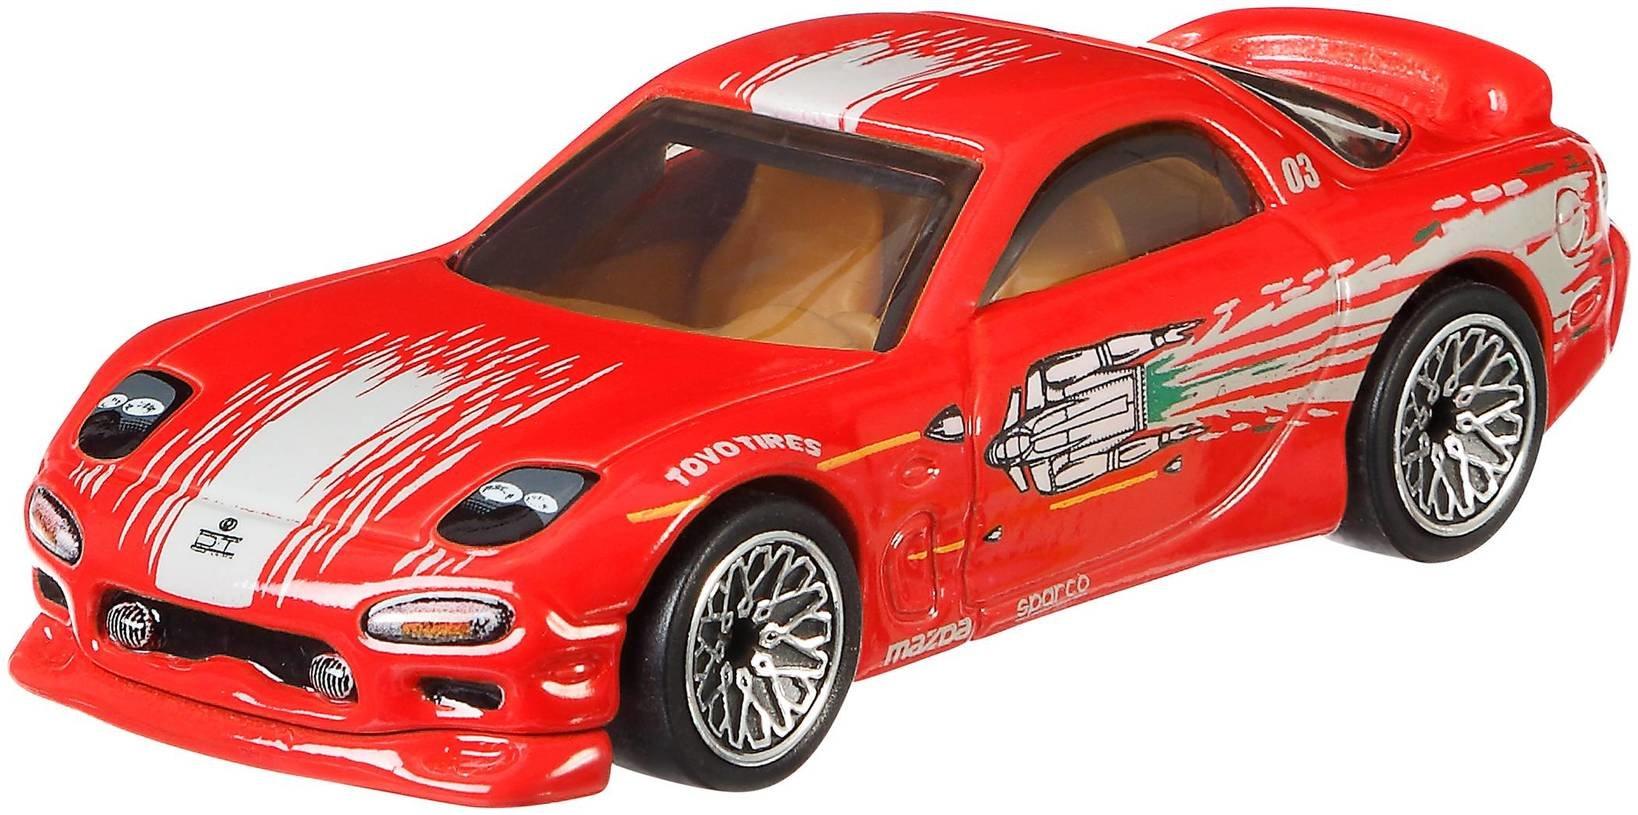 '95 マツダ RX-7